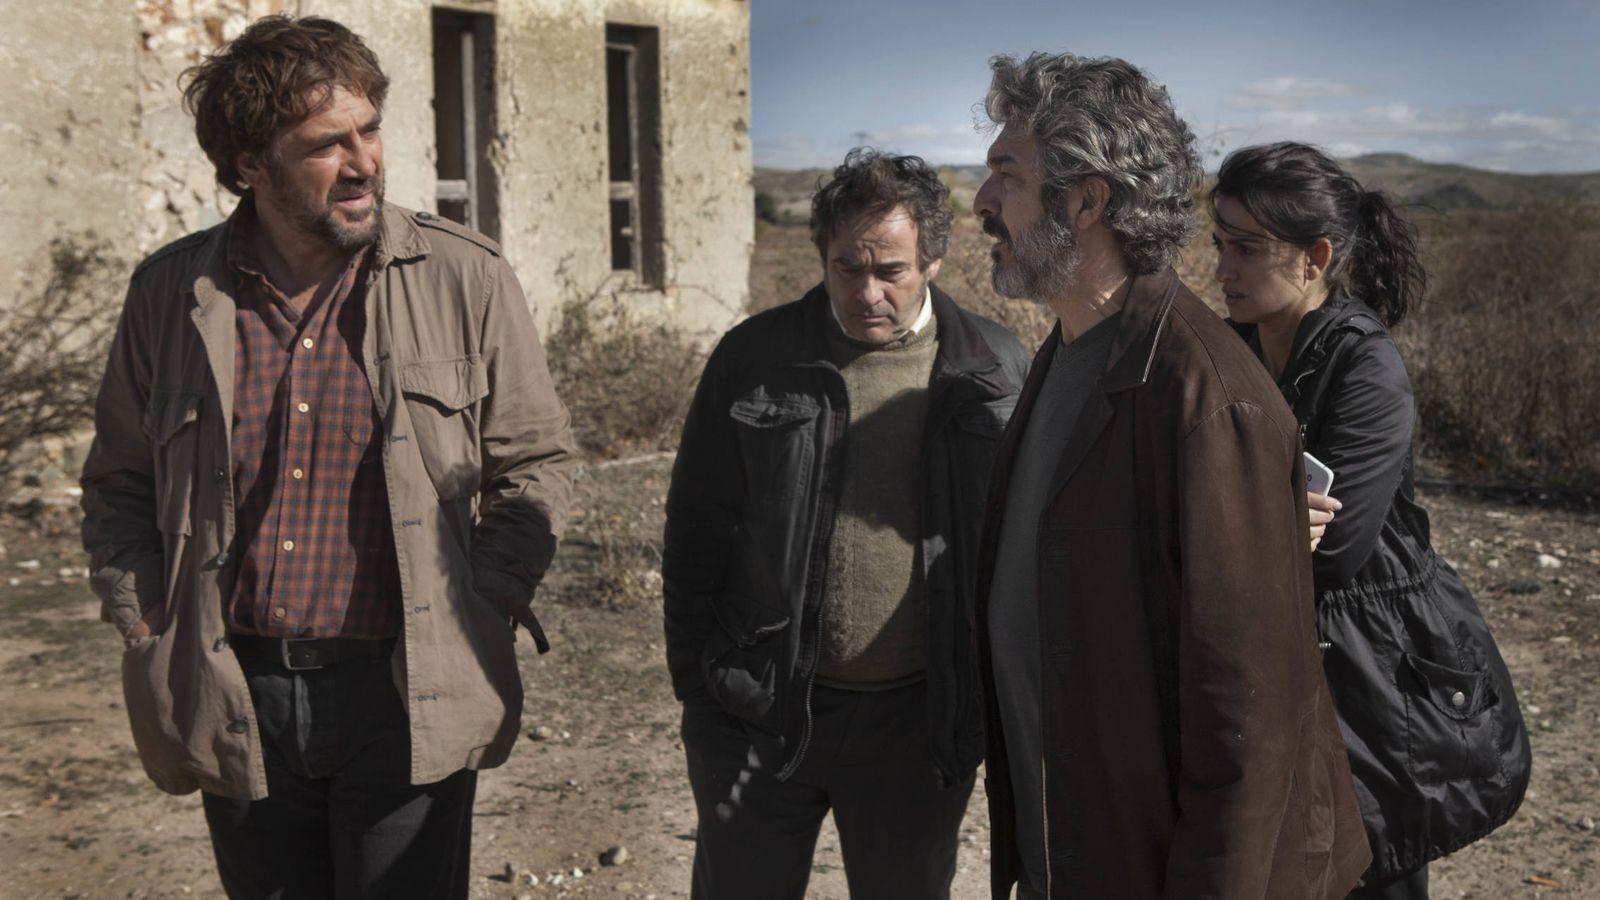 Foto: Javier Bardem, Eduard Fernández, Ricardo Darín y Penélope Cruz en 'Todos lo saben', que competirá en Cannes. (Universal)